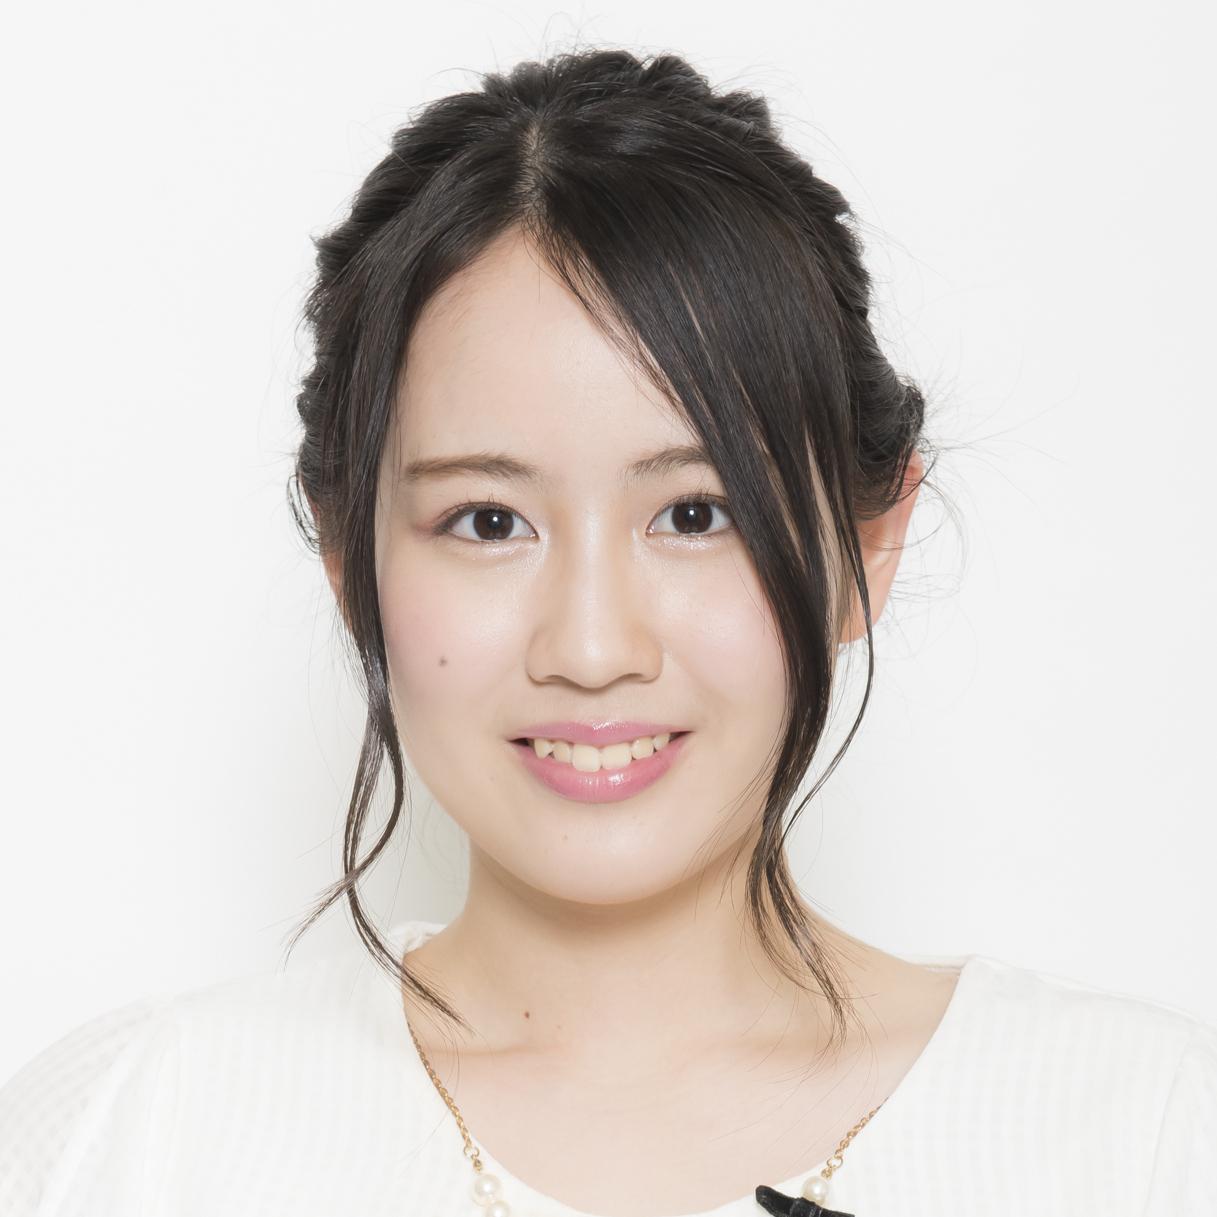 NGT48西村菜那子「後ろにいることに慣れていたので、こんなに見える景色が違うんだって…」